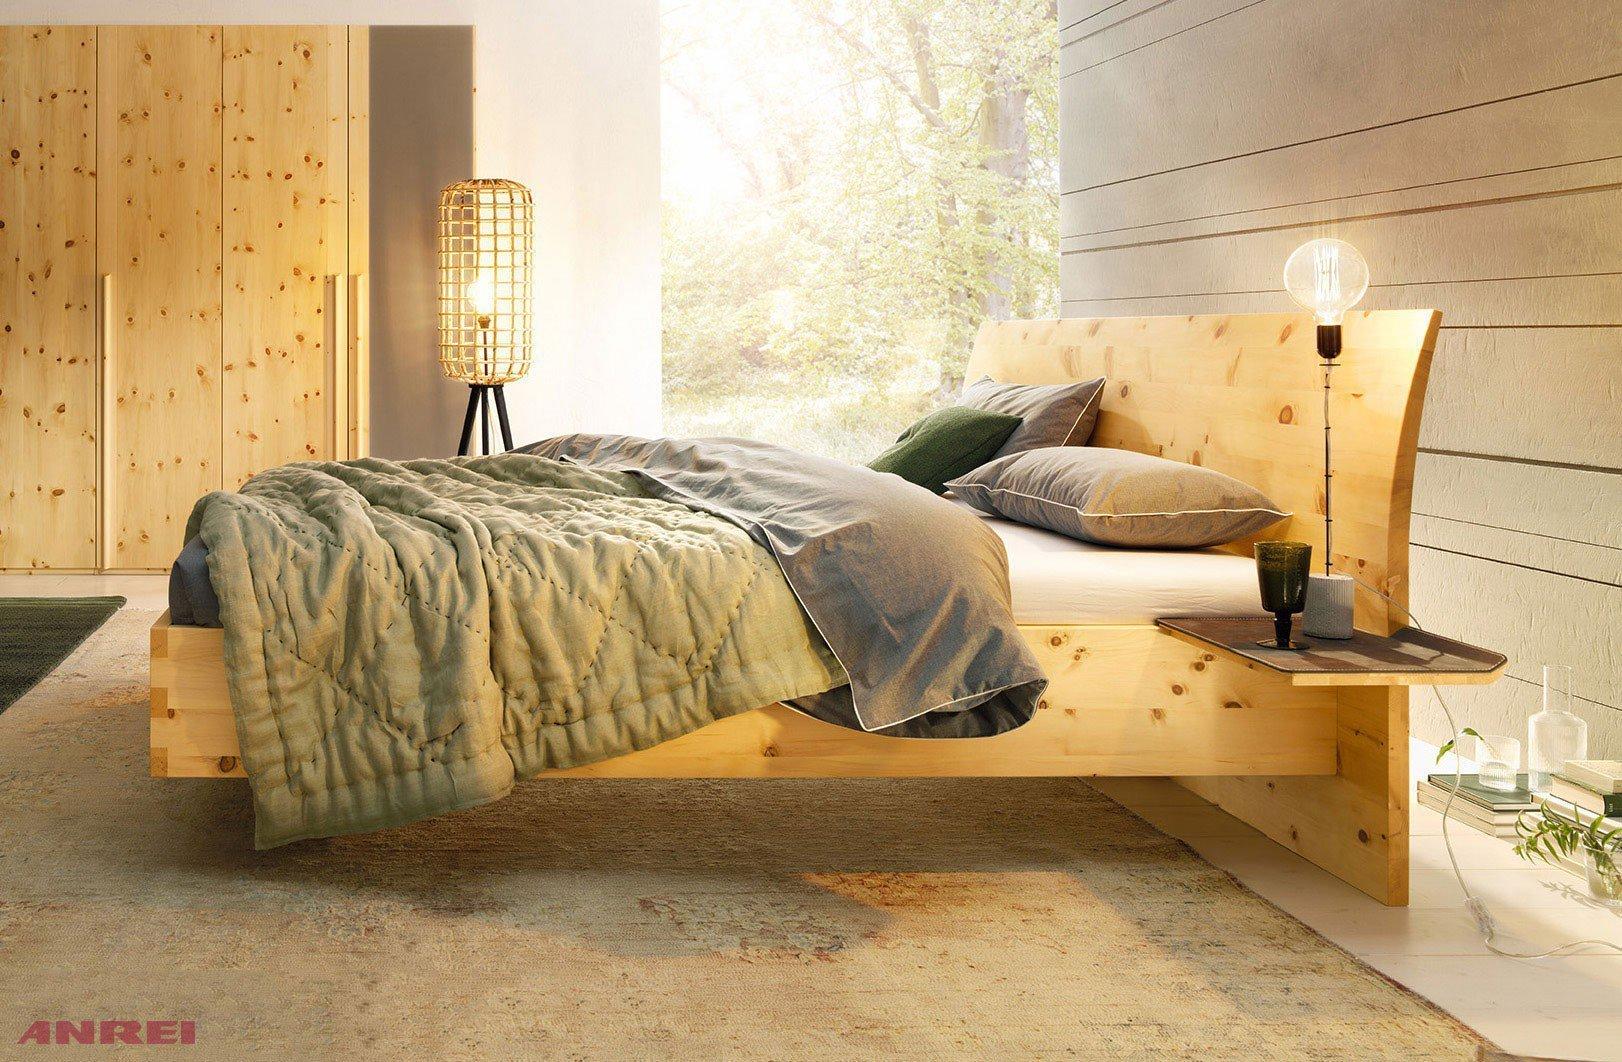 bett massivholz stunning einfaches holzbett preiswerte betten with bett massivholz bett. Black Bedroom Furniture Sets. Home Design Ideas